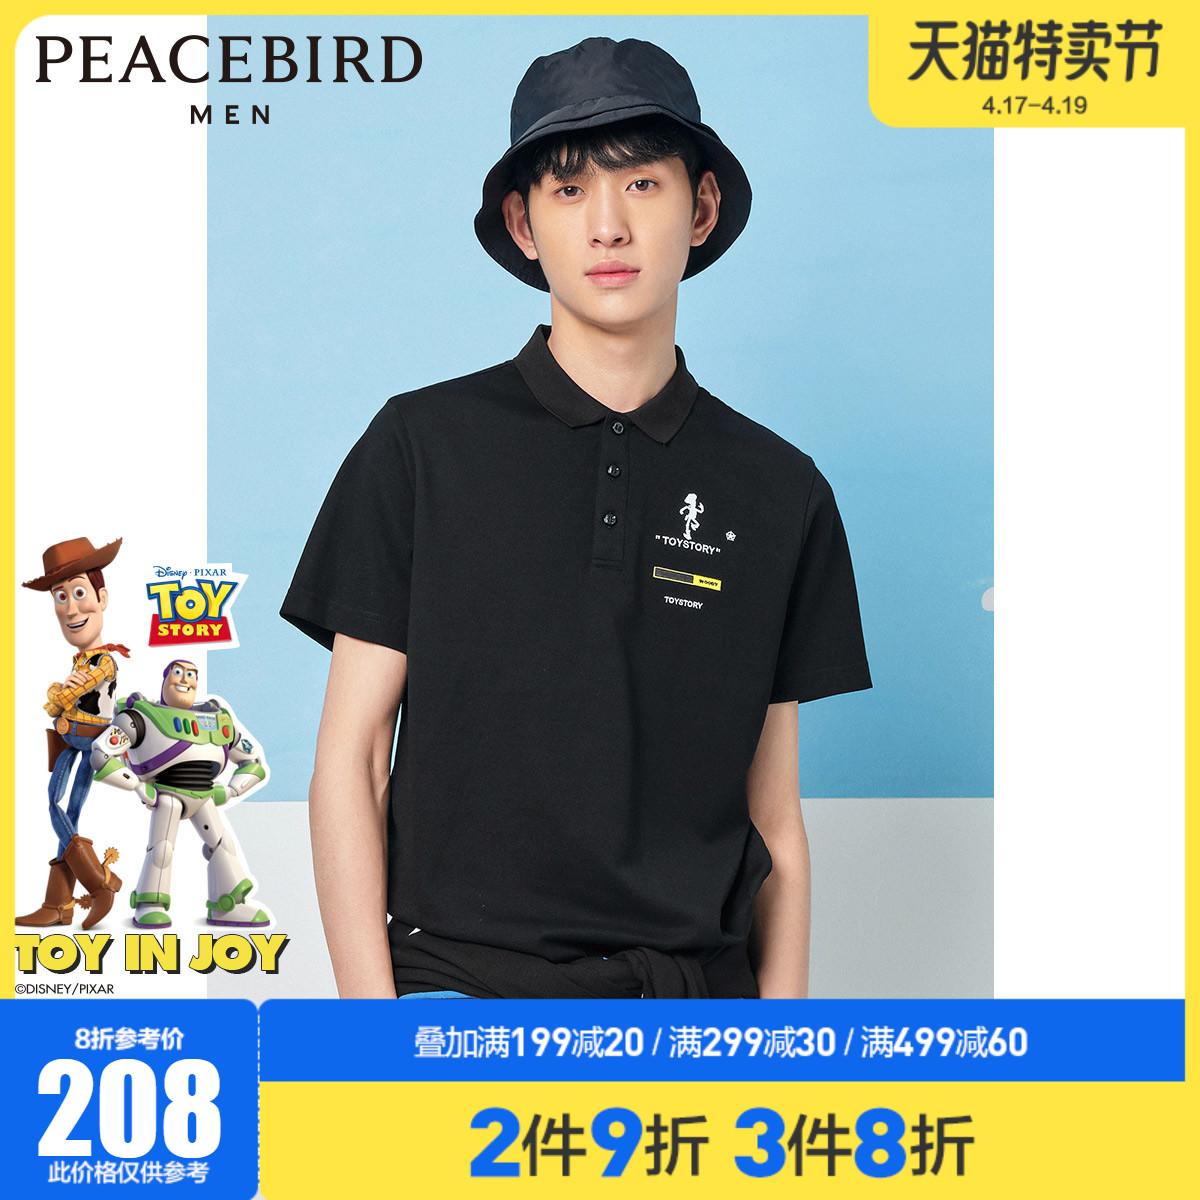 太平鸟男装 玩具总动员系列时尚刺绣潮流短袖Polo衫男生帅气体恤